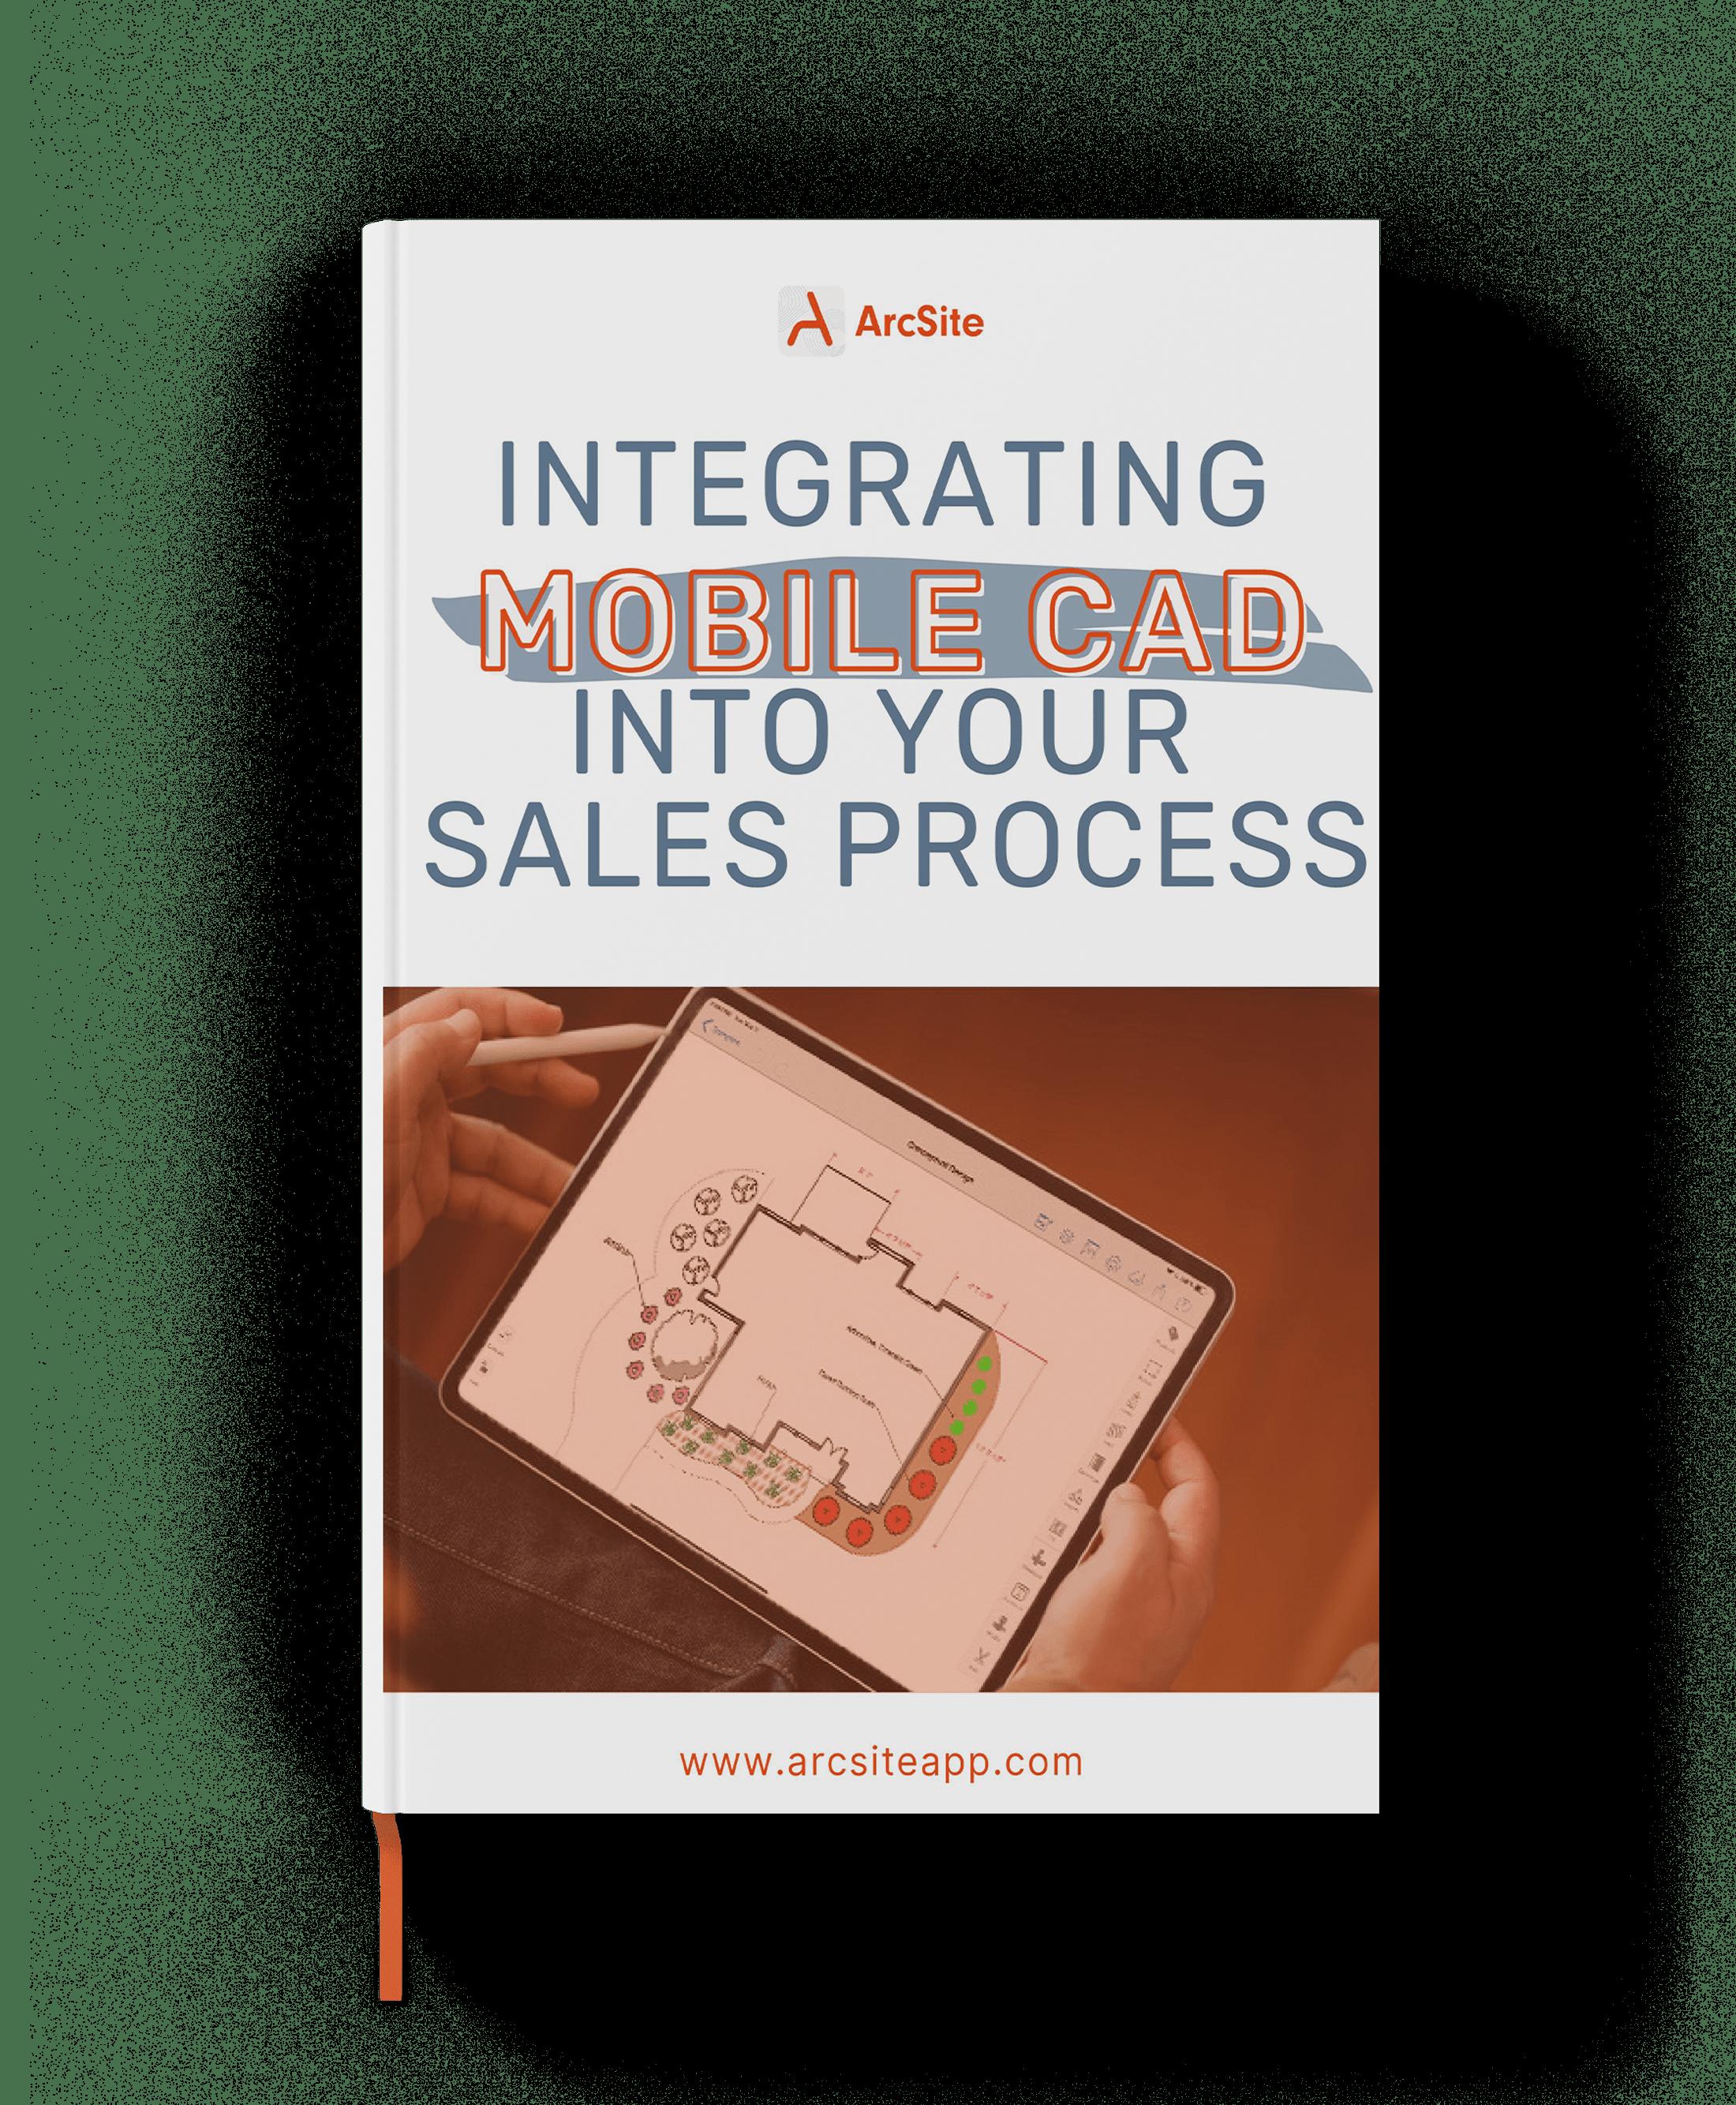 Integrating CAD into Sales Process Book Mockup-1